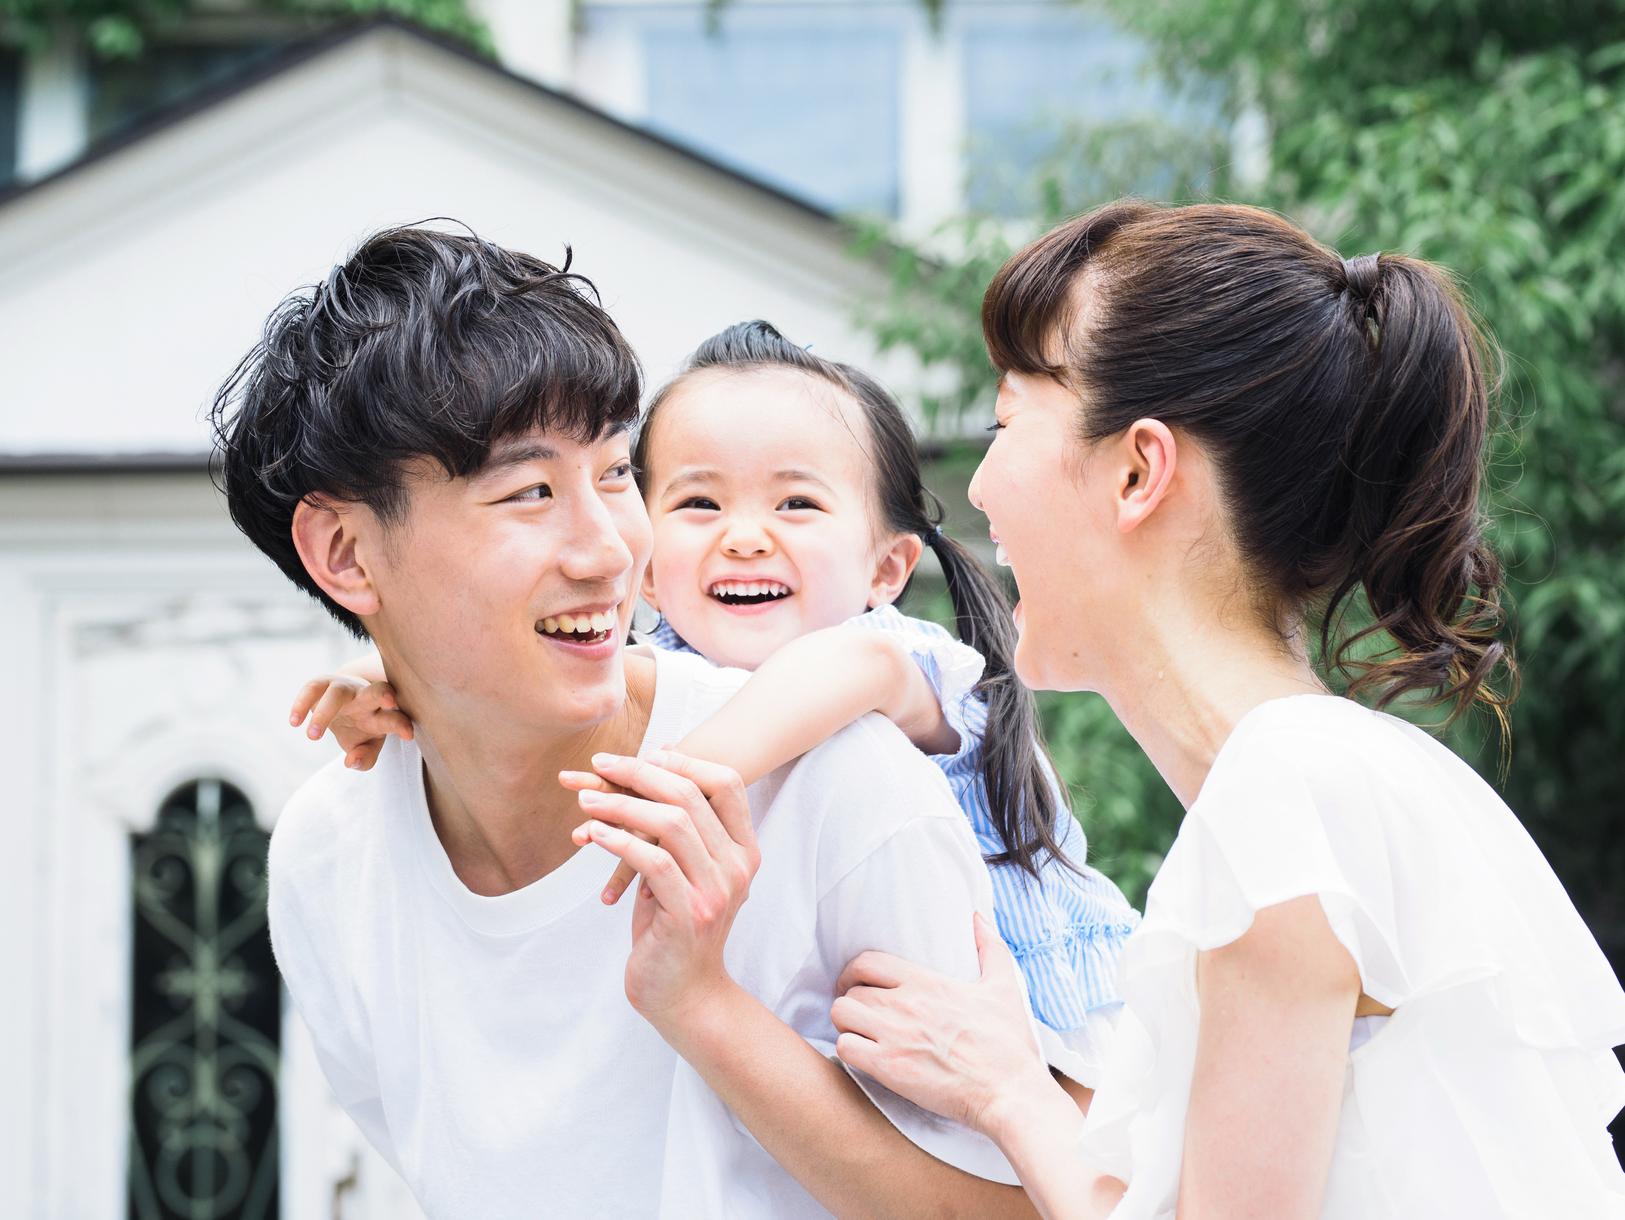 育児しない旦那にイライラ!育児に協力させる方法6つ&ストレス対策